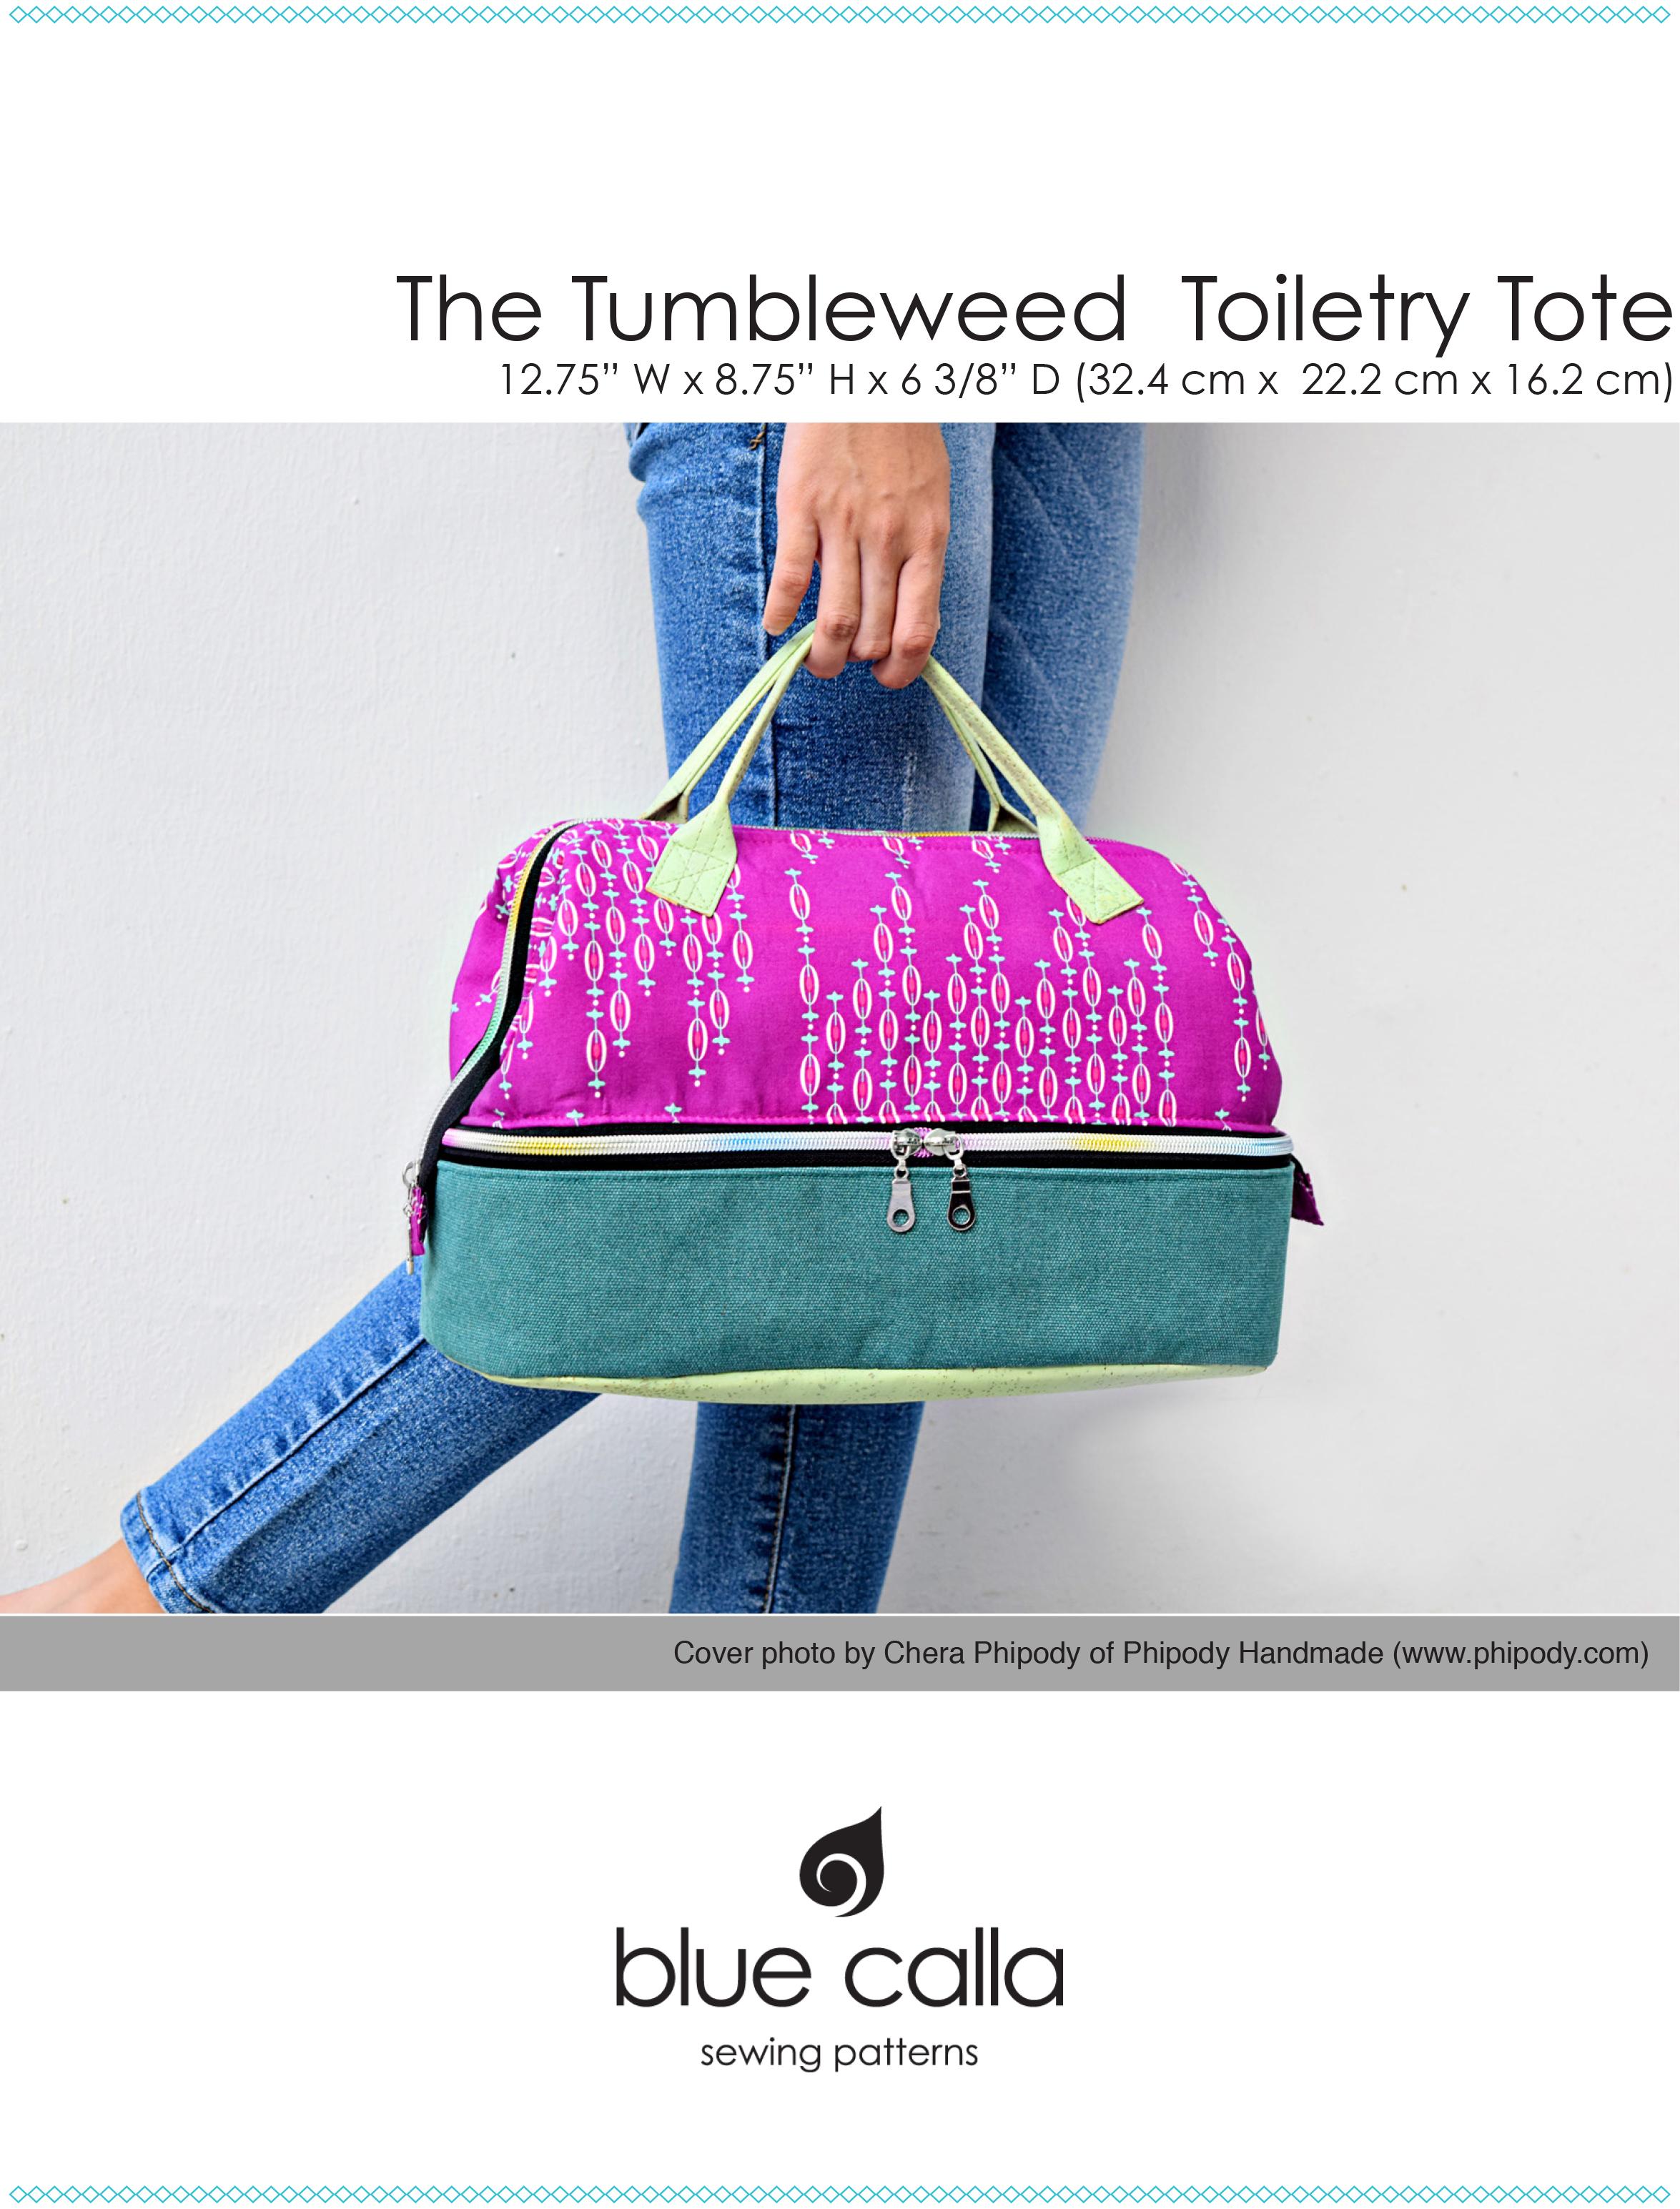 Tumbleweed Toiletry Tote